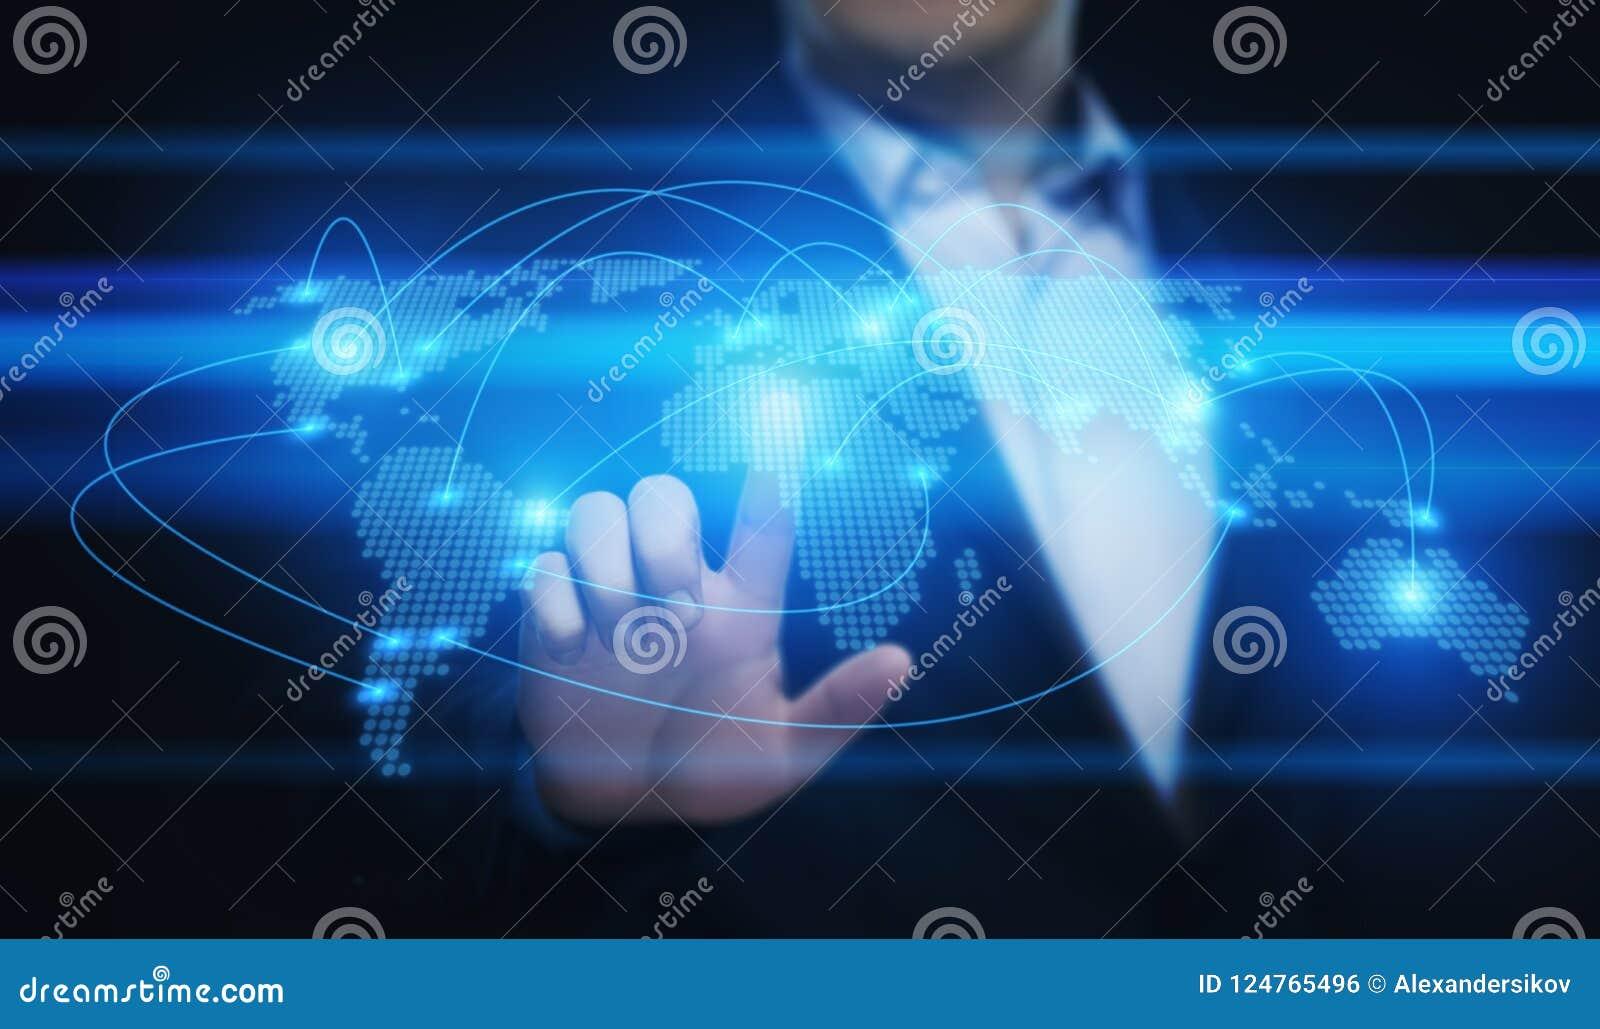 Globales Weltkommunikations-Verbindungs-Geschäfts-Netz-Internet Techology-Konzept